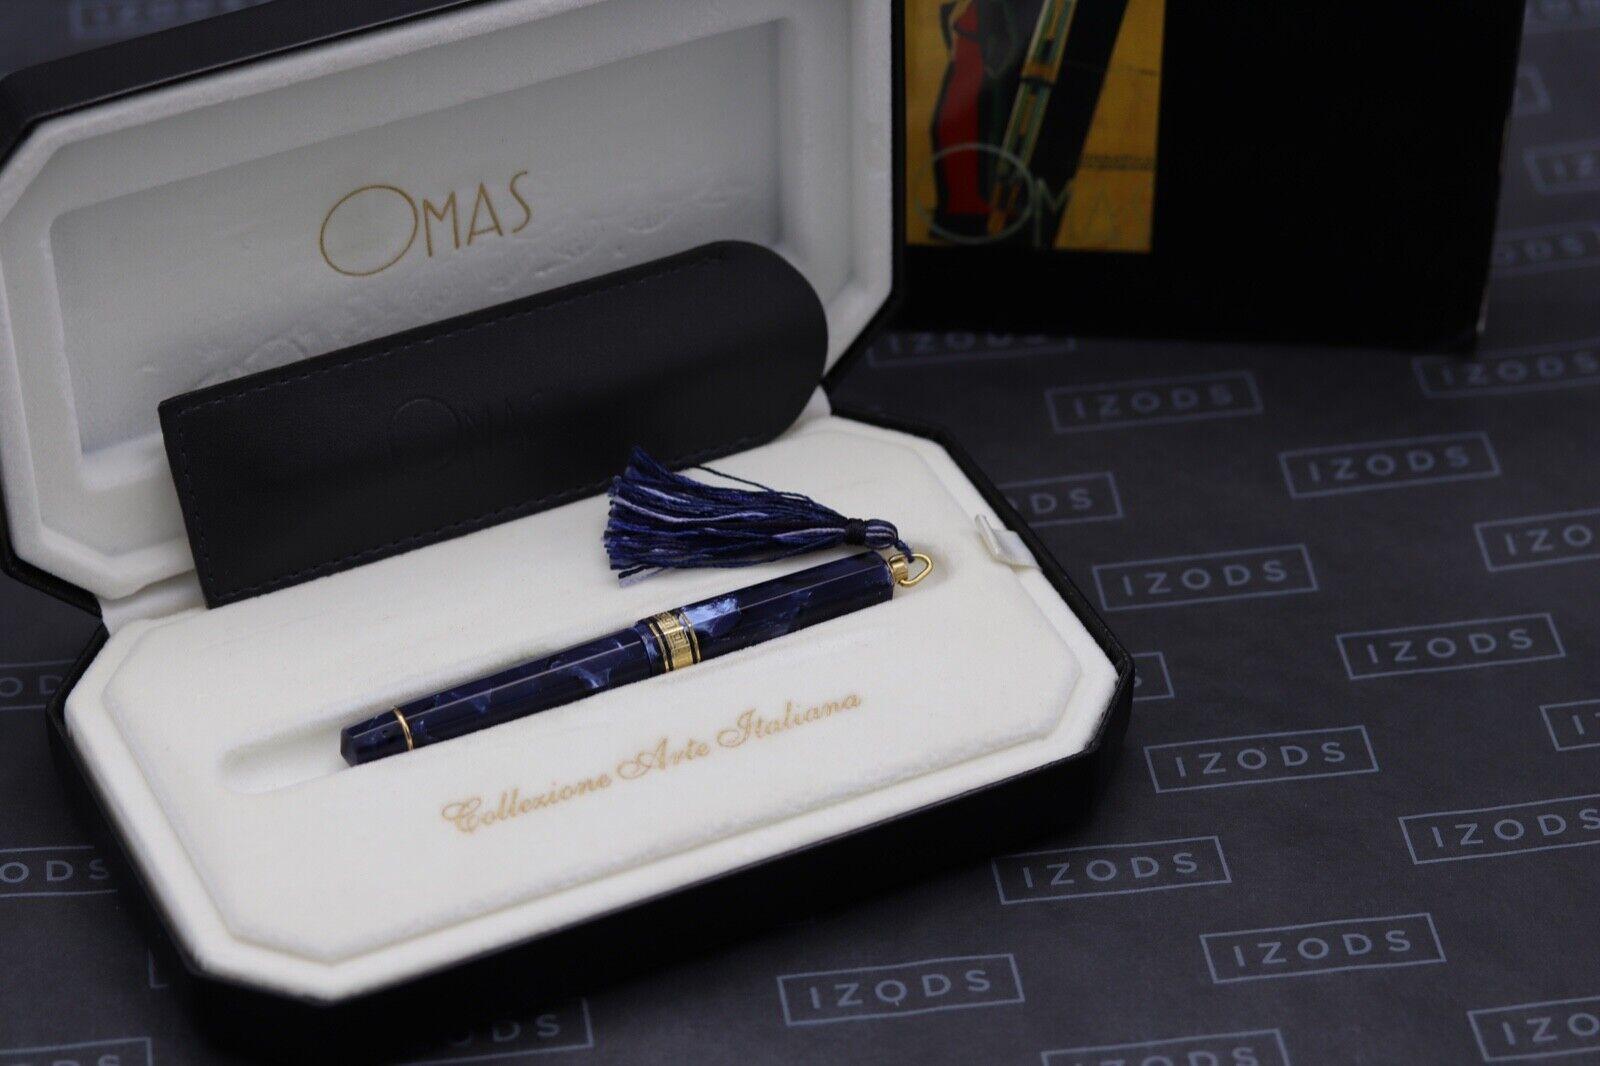 Omas Princess Blue Royale Celluloid Fountain Pen 10